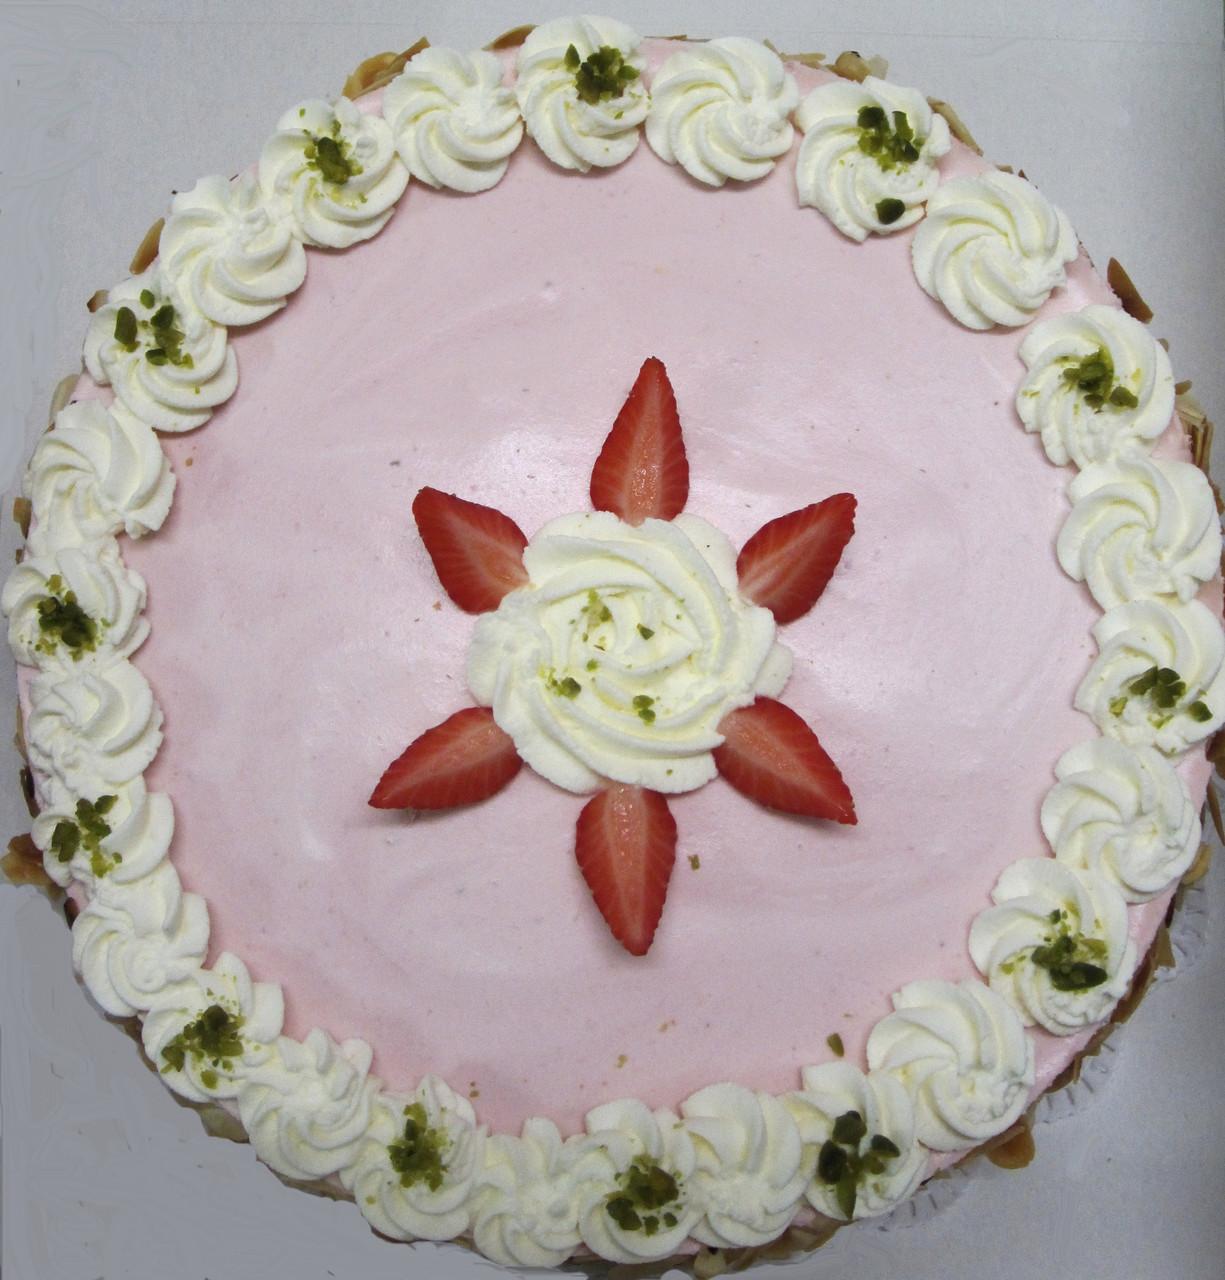 Erdbeer-Joghurt-Quarktorte